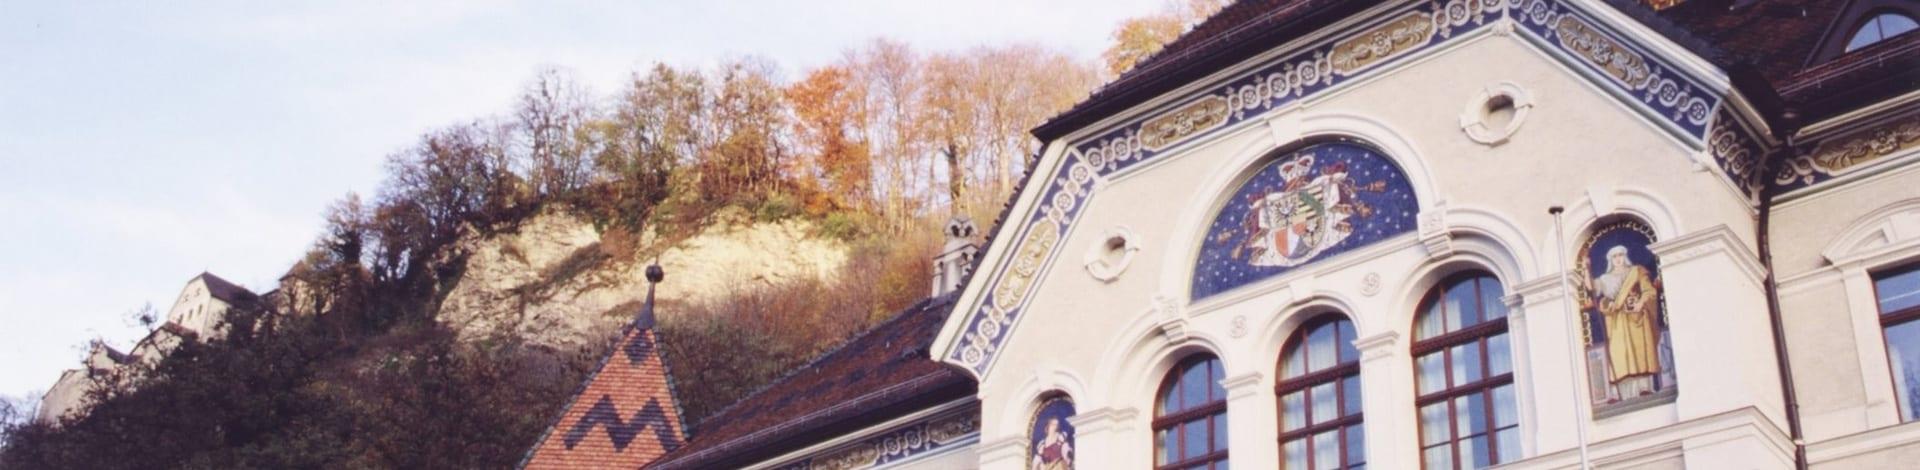 Gebäude mit Hügel in Vaduz